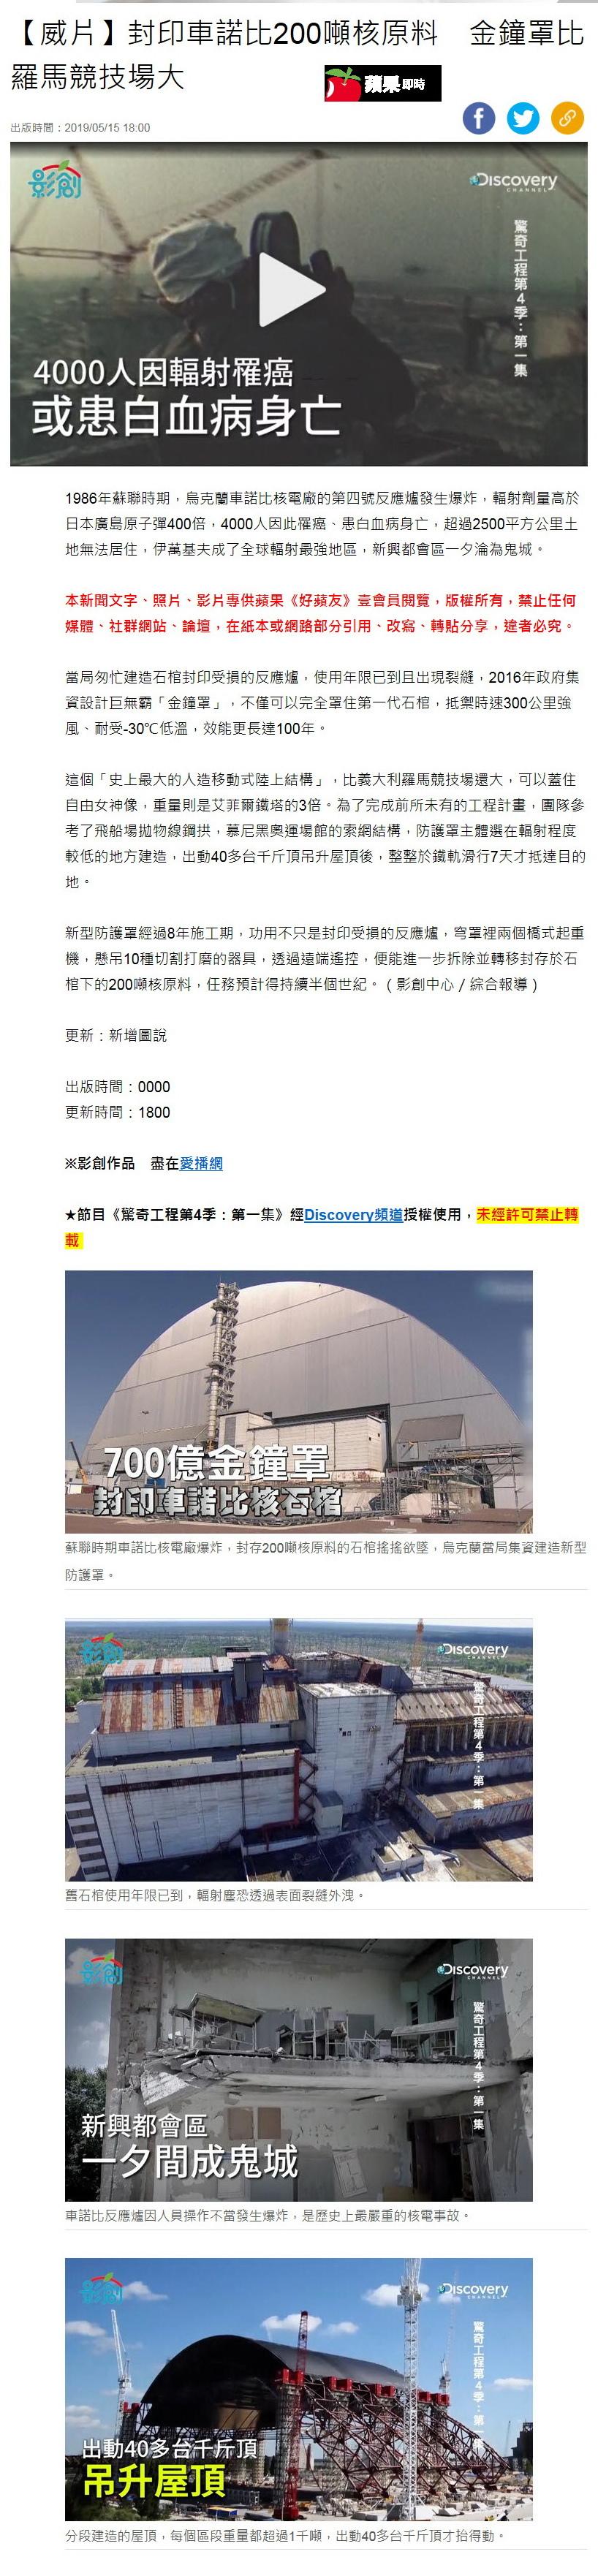 封印車諾比200噸核原料 金鐘罩比羅馬競技場大-2019.05.17.jpg